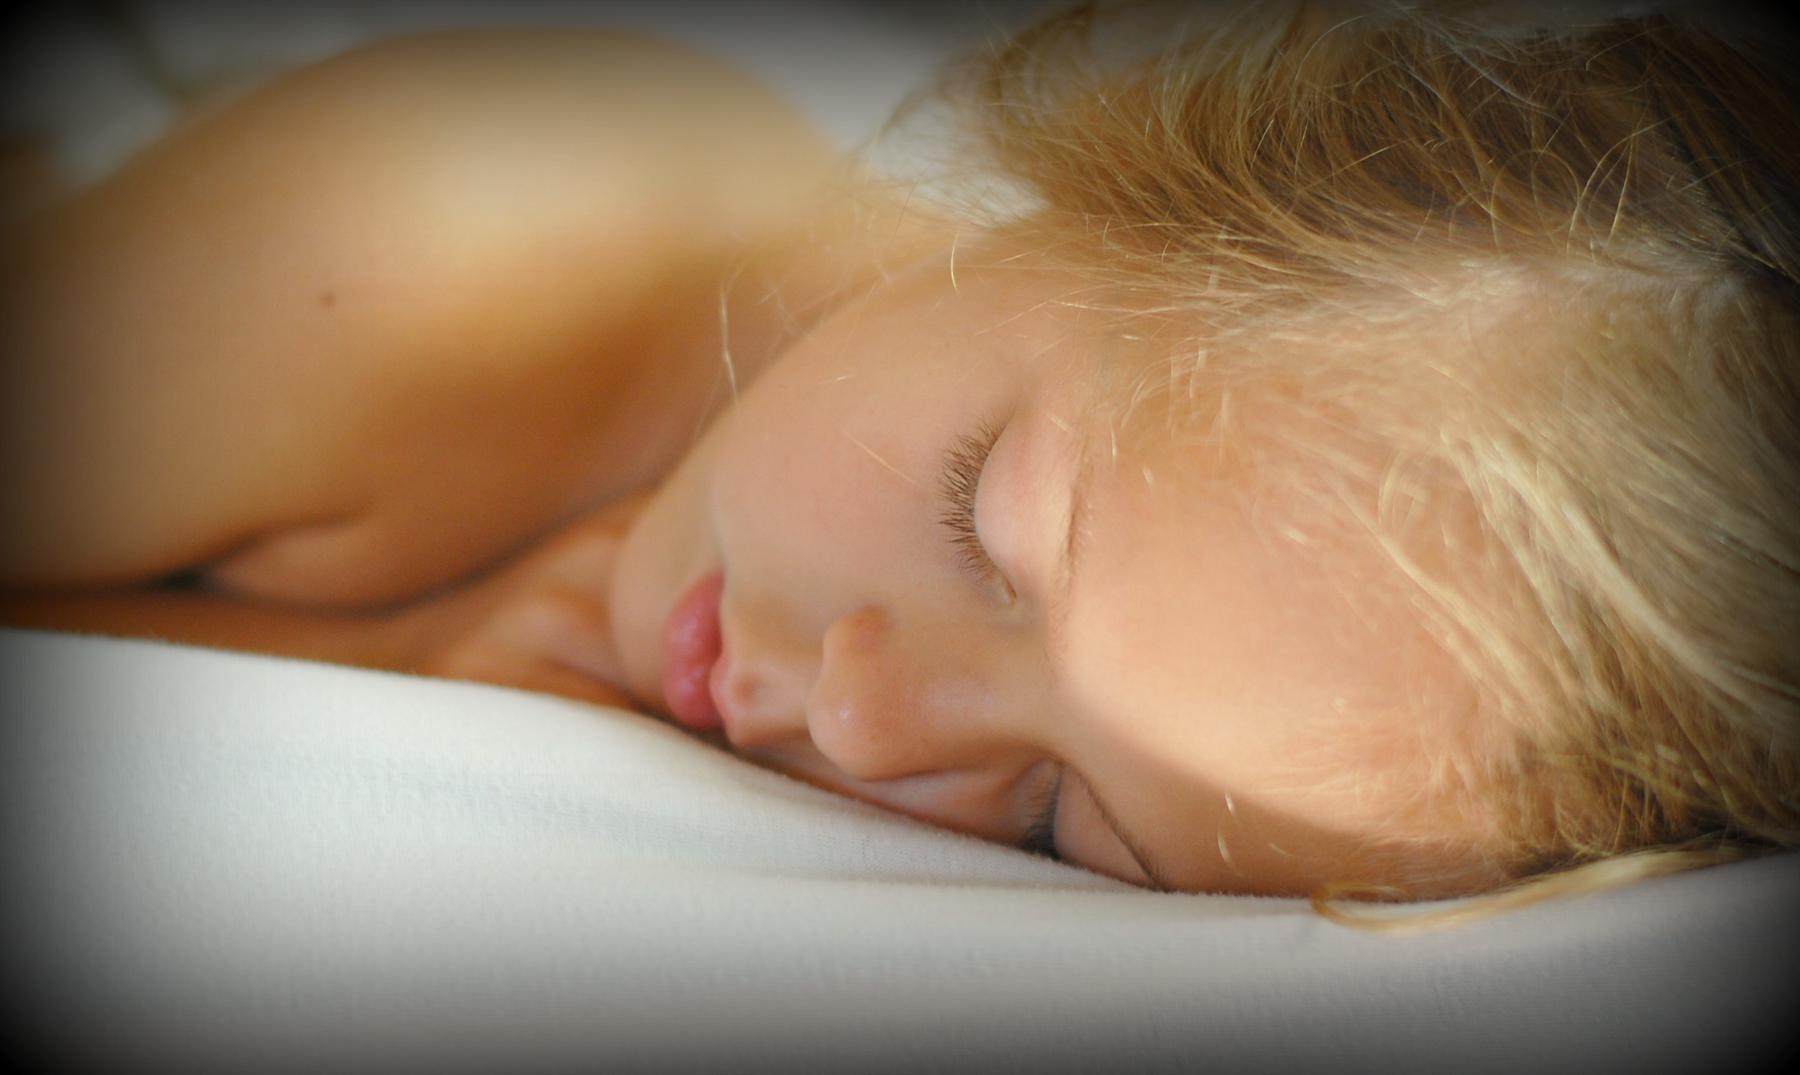 El devastador síndrome de la Bella durmiente